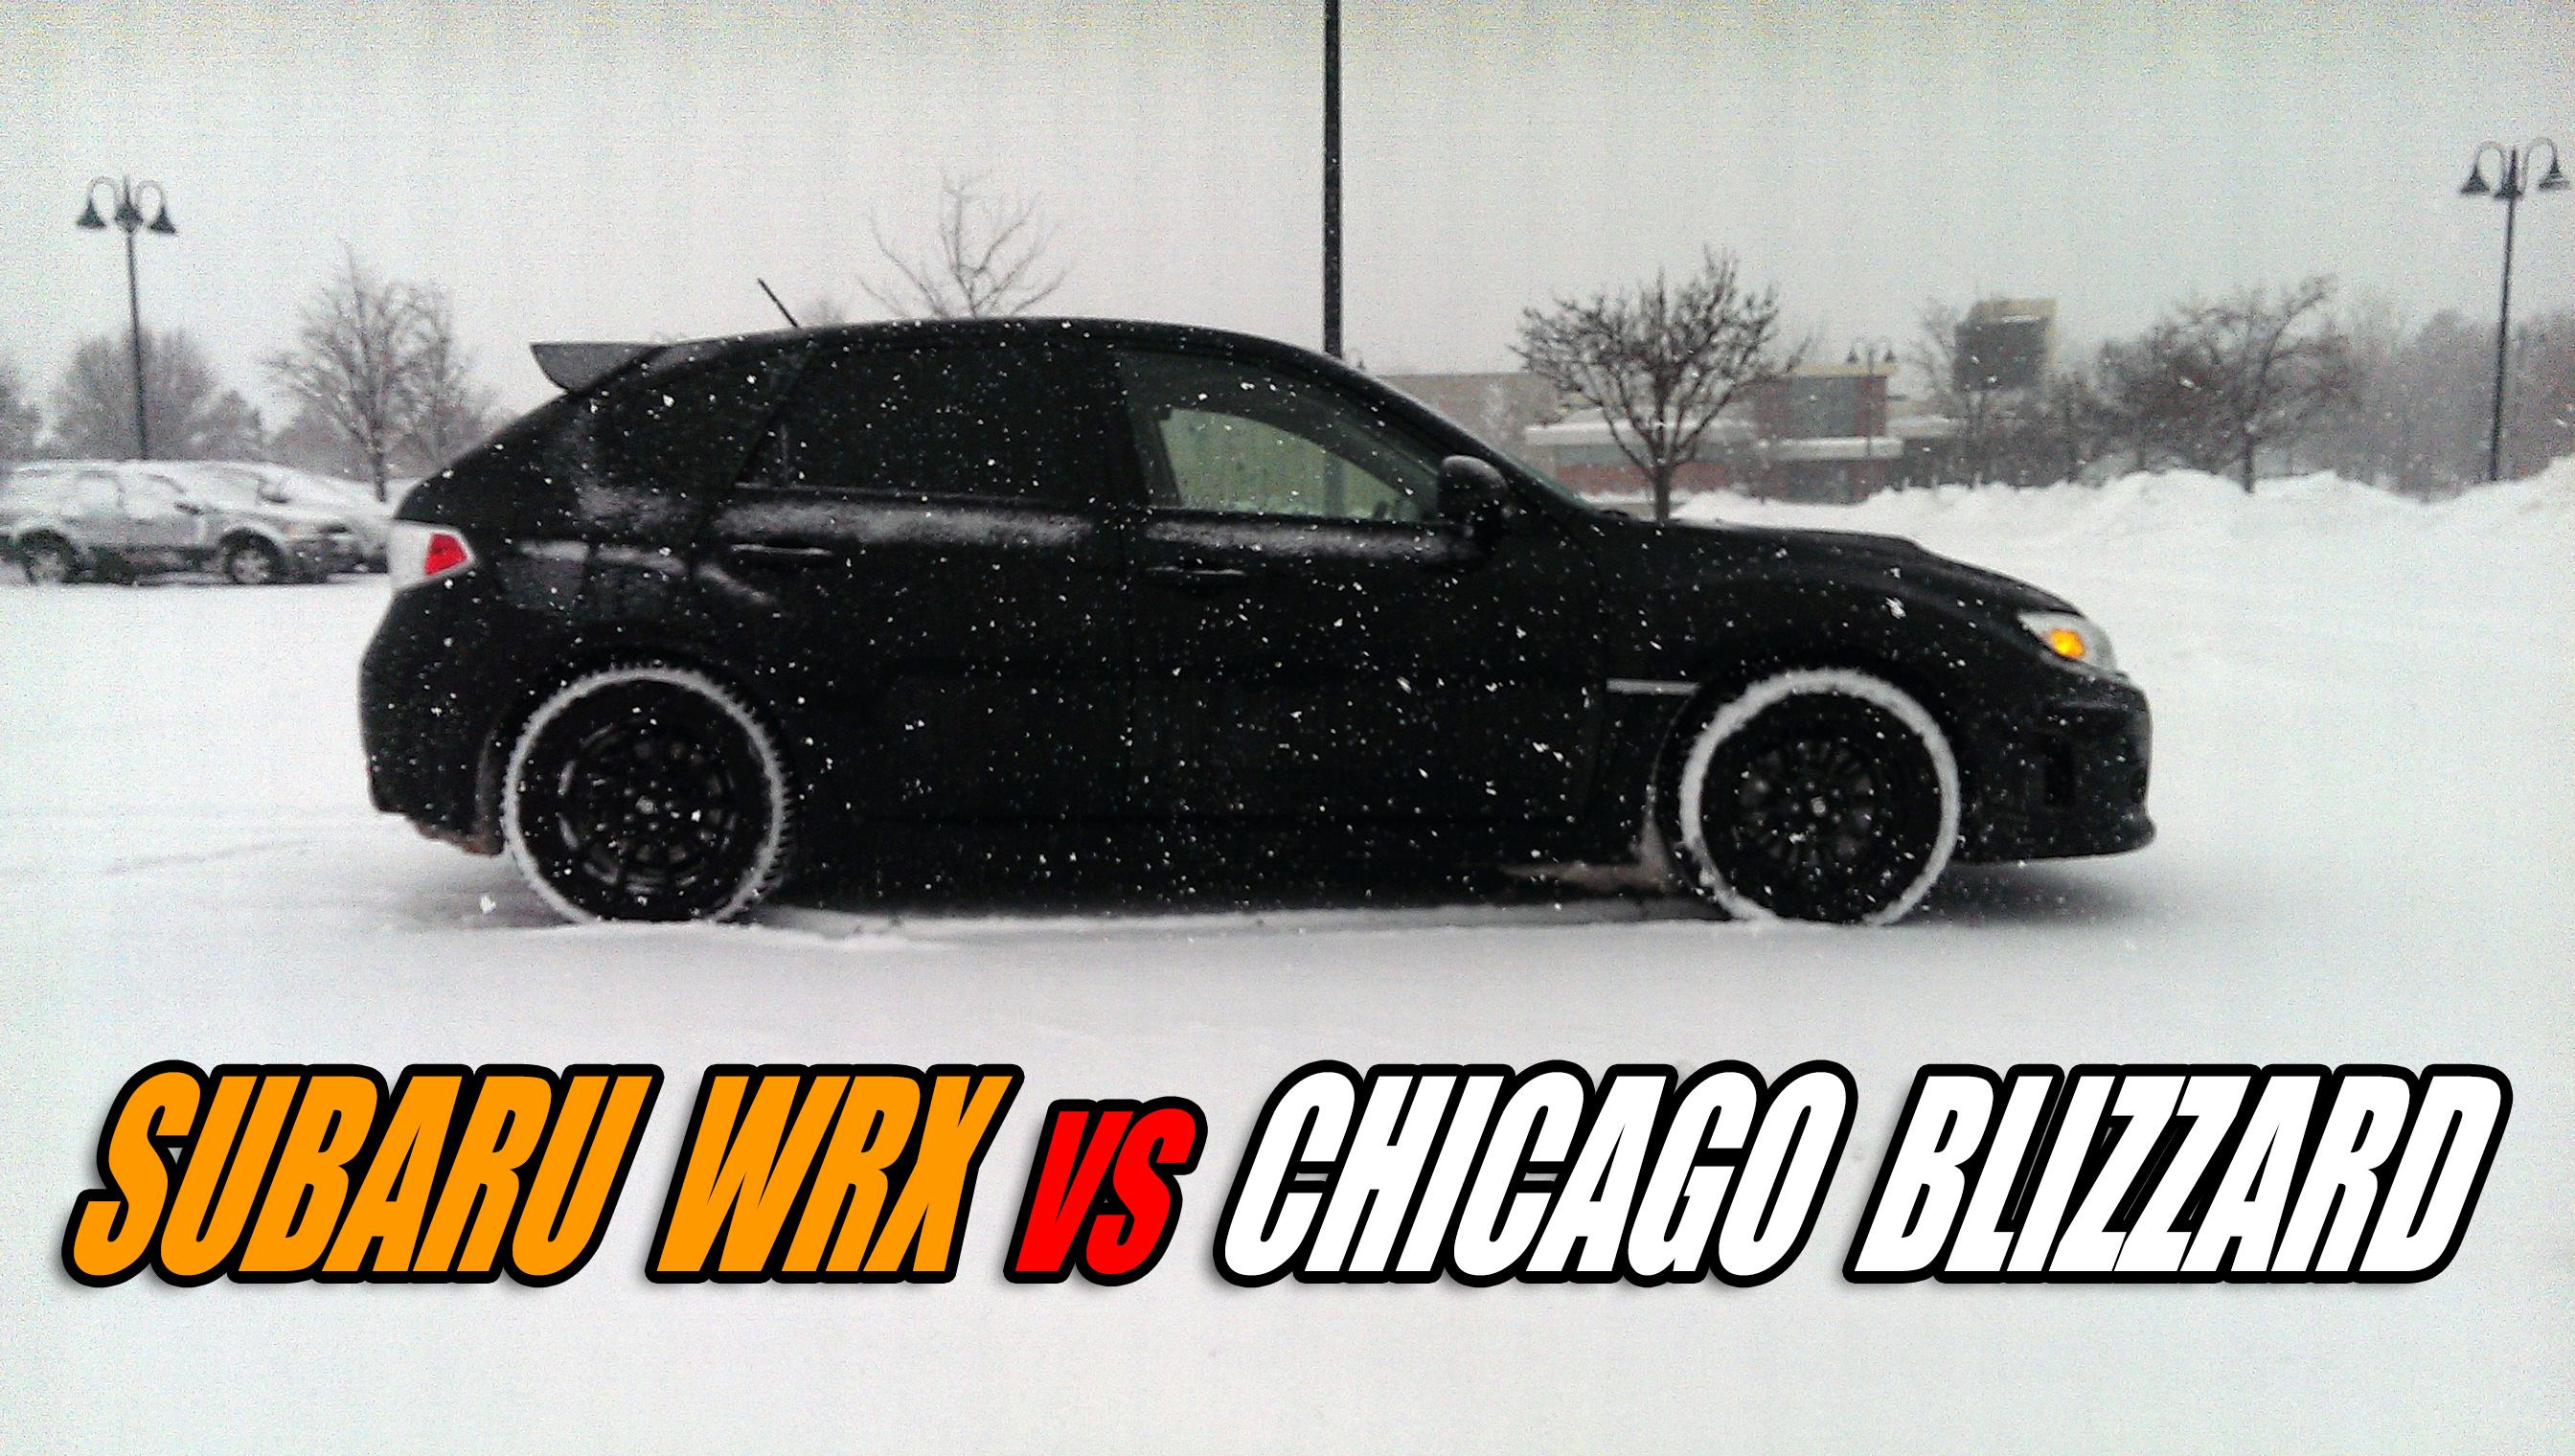 Subaru WRX vs Chicago Blizzard